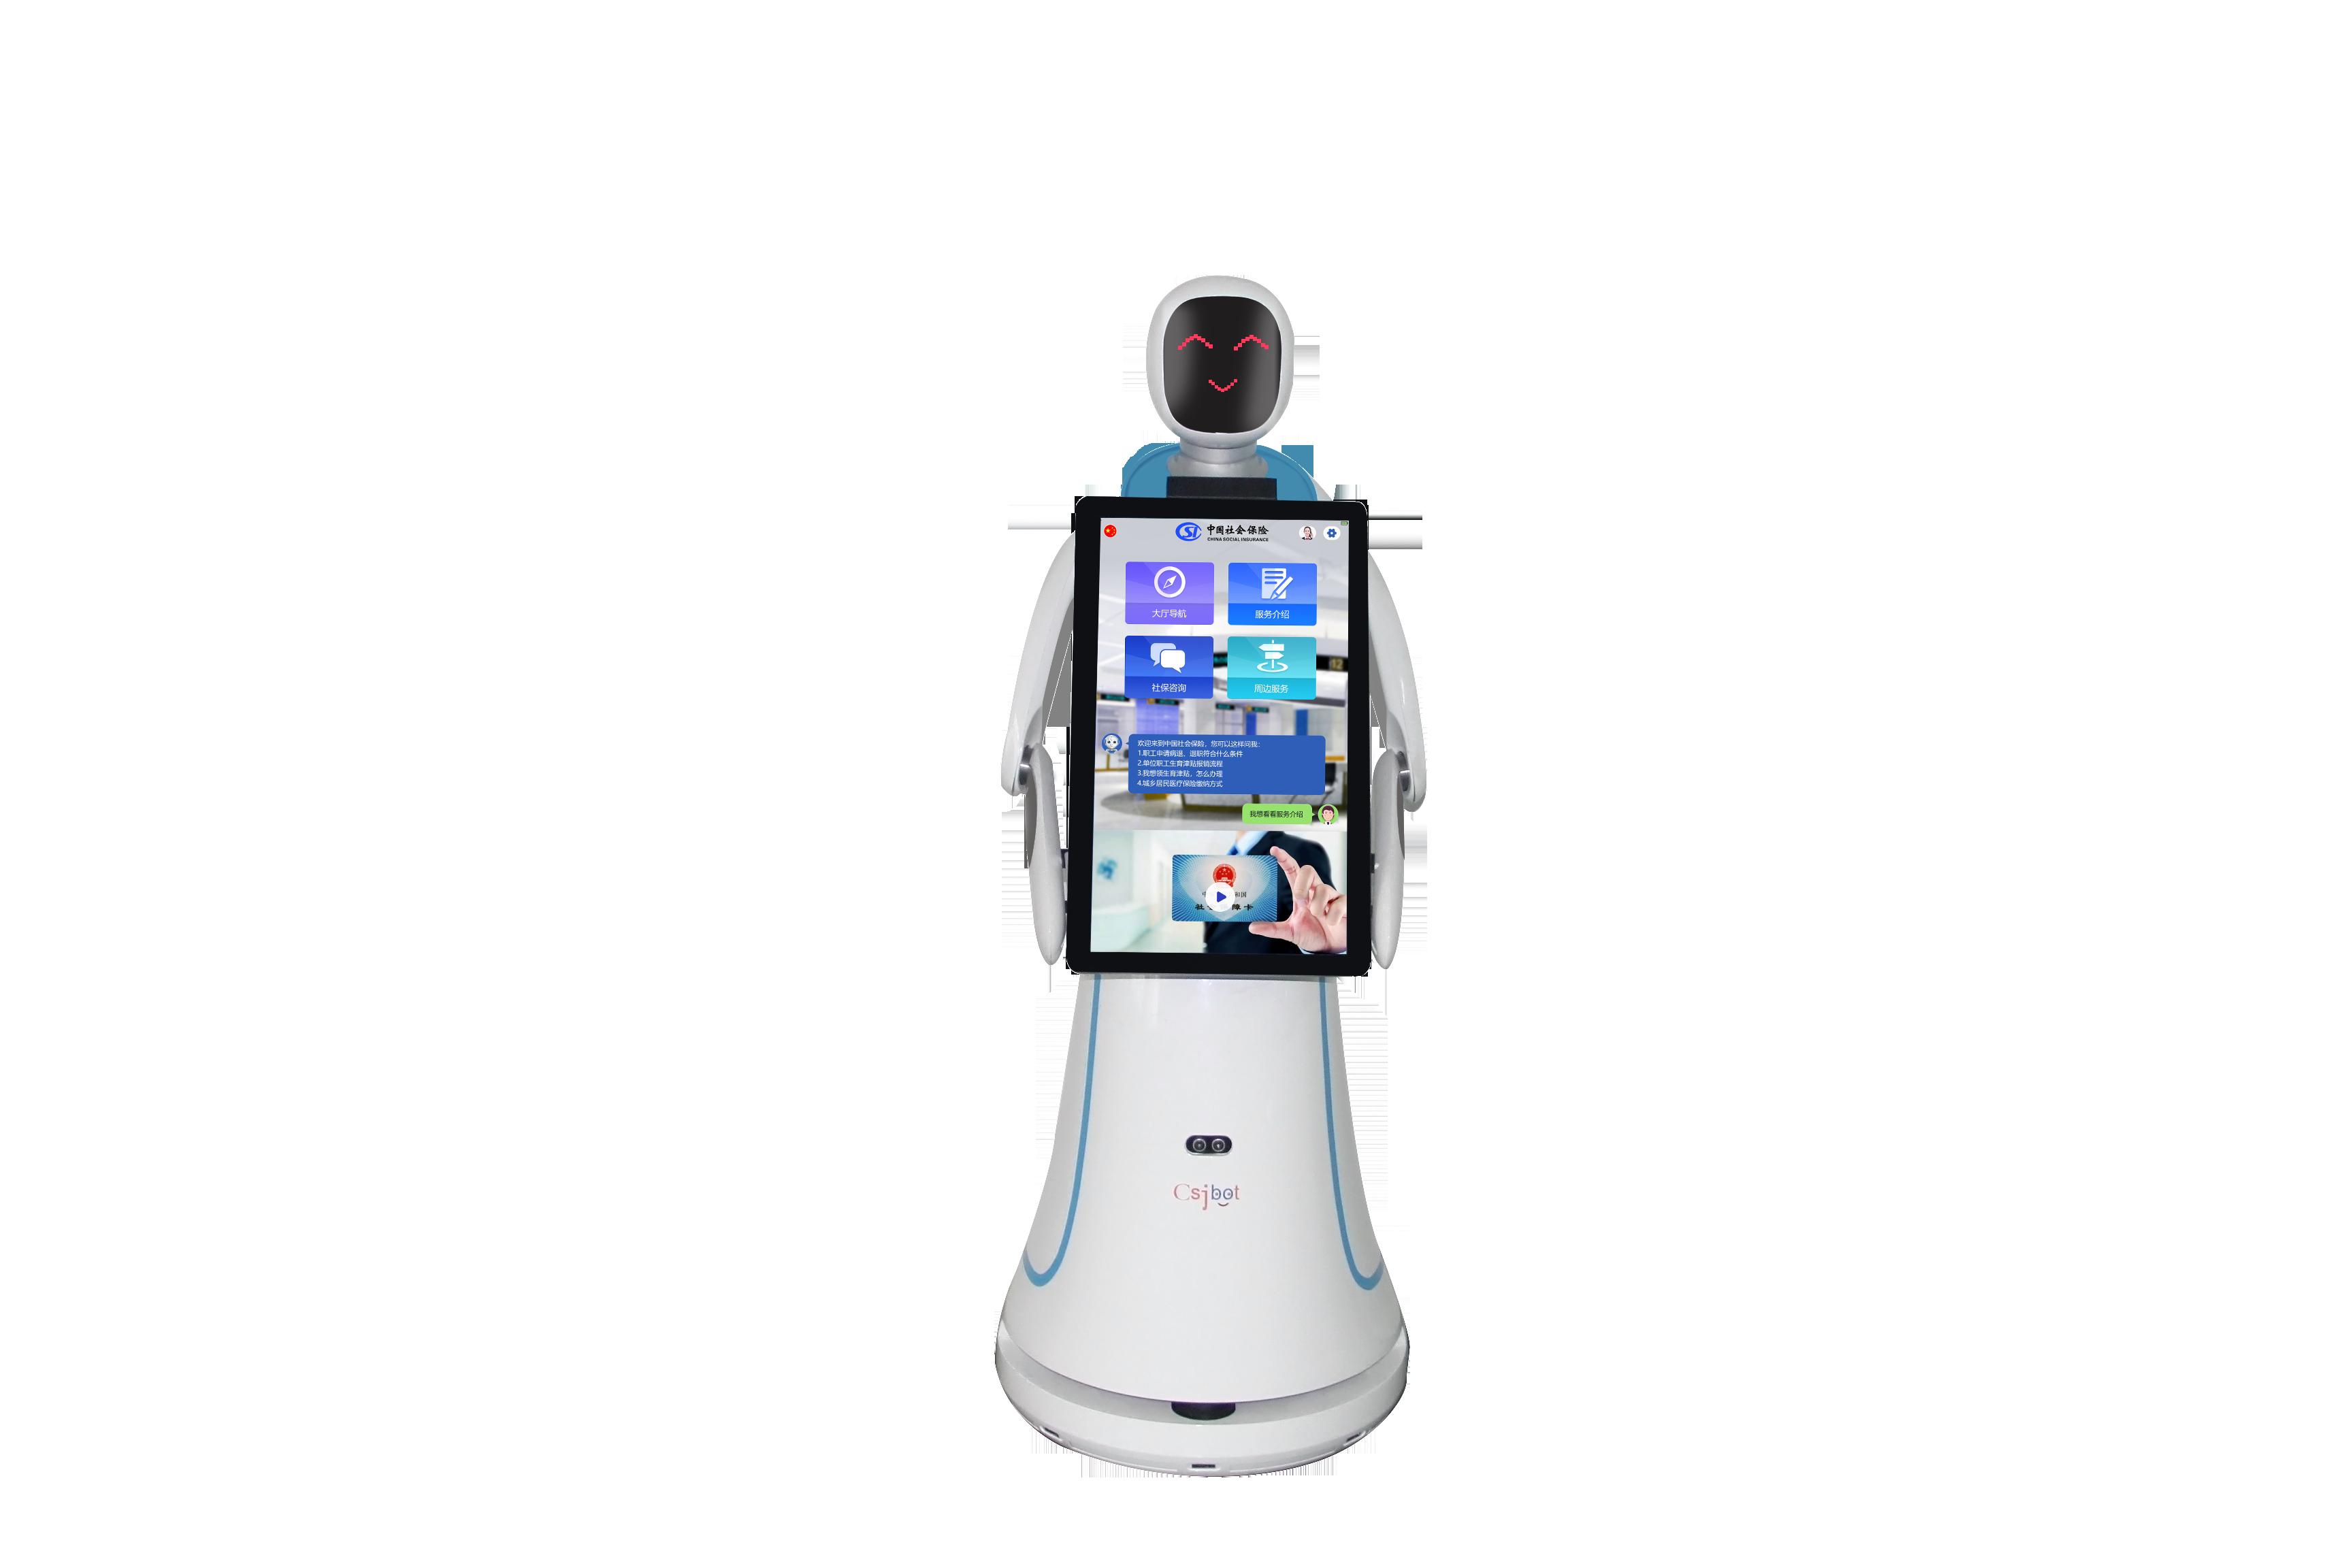 直销迎宾服务机器人品质售后无忧 抱诚守真 昆山新正源机器人智能科技供应